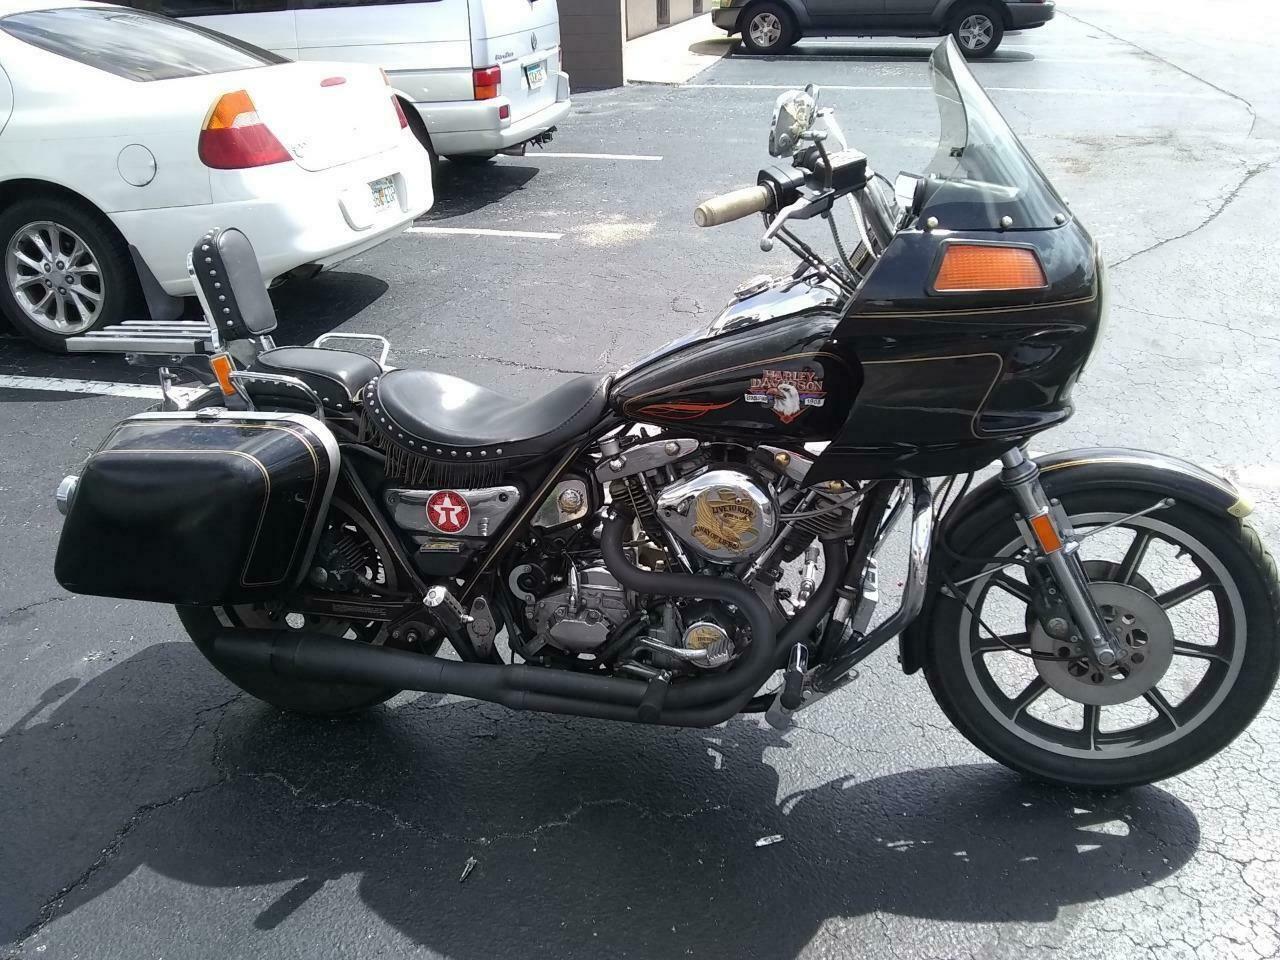 Details about 2000 Harley-Davidson FXR | Harley davidson